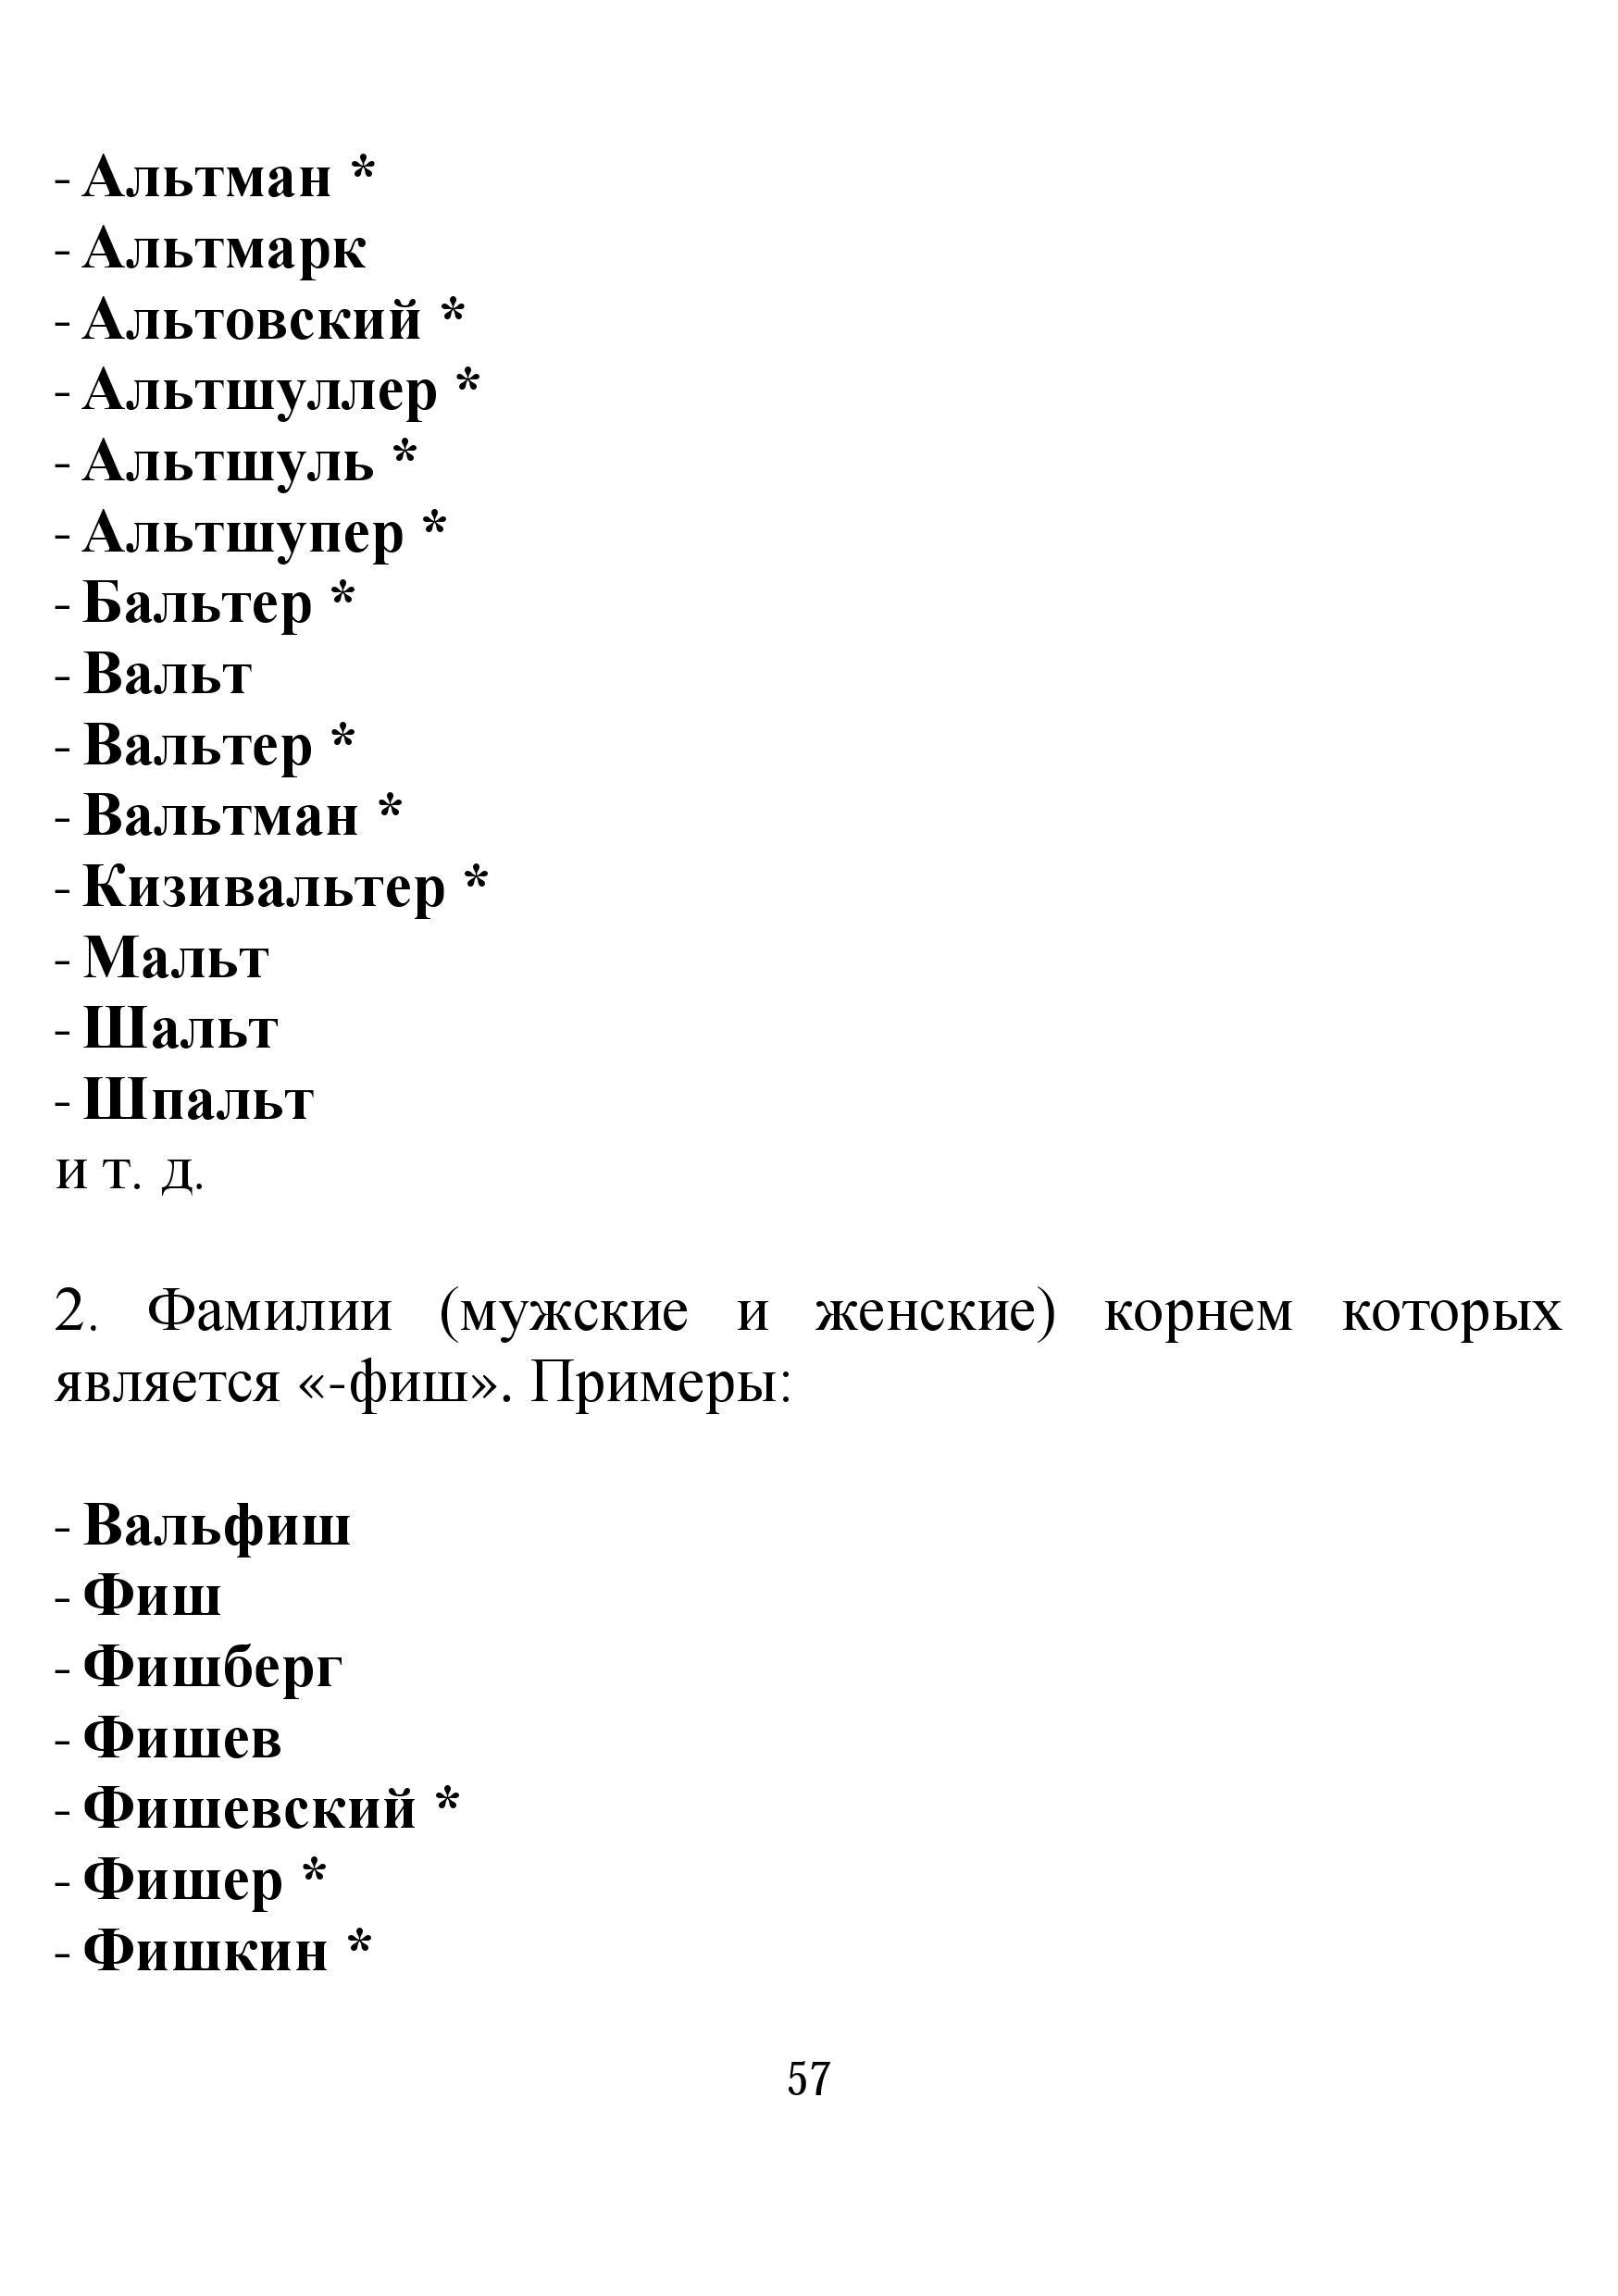 http://s4.uploads.ru/vs04Z.jpg